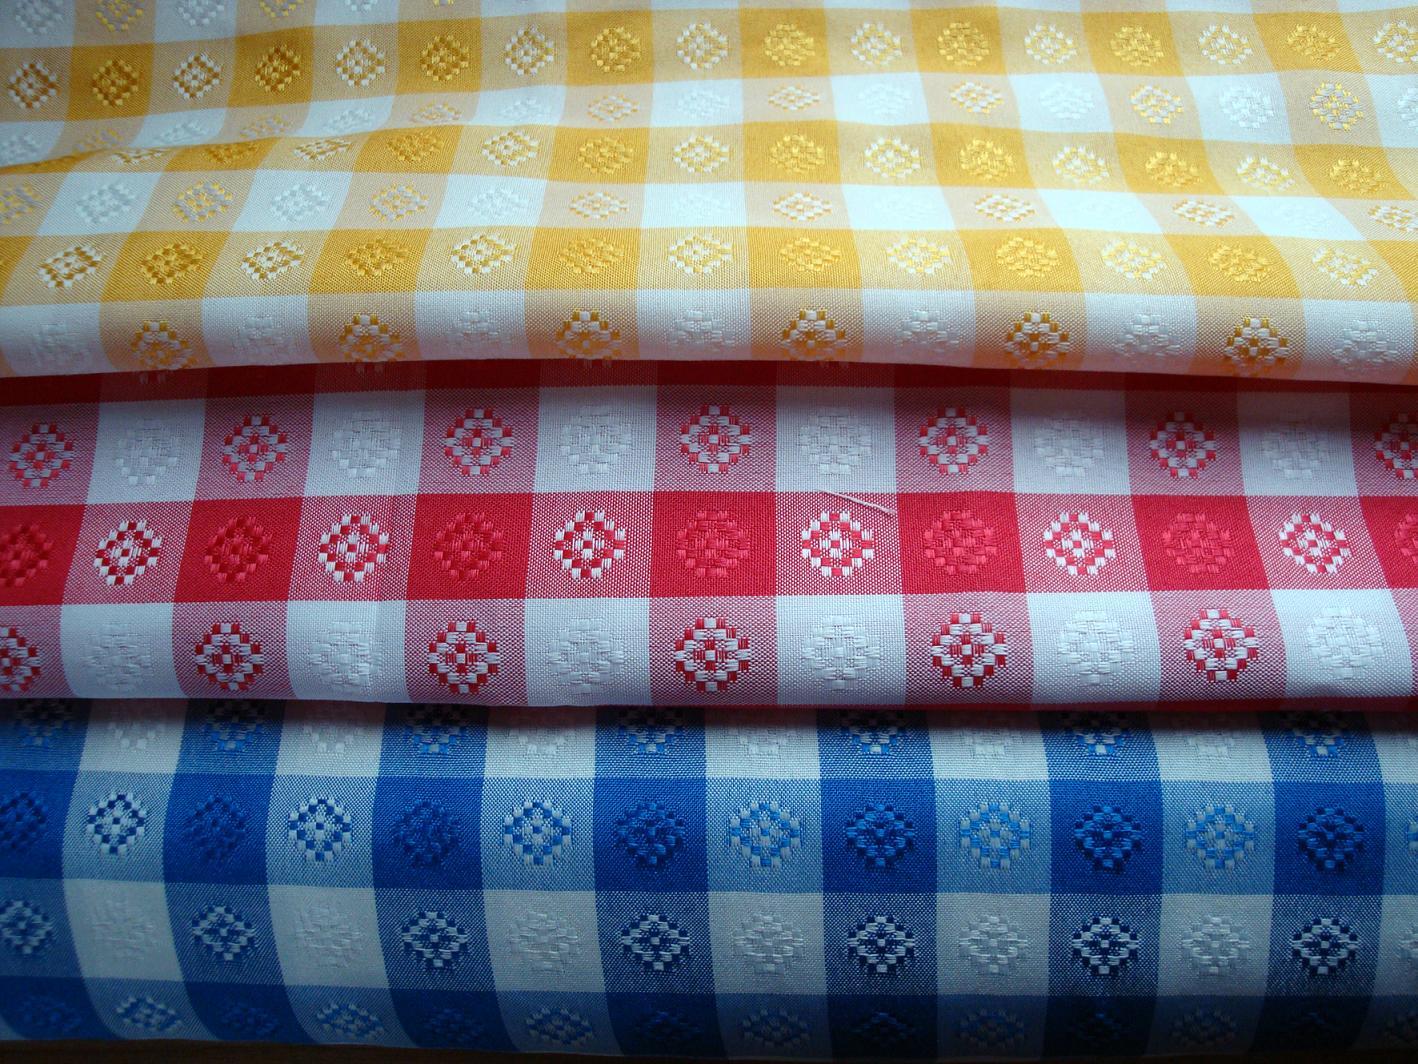 Manteleriastellamaris tipos de telas - Tipos de telas para cortinas ...